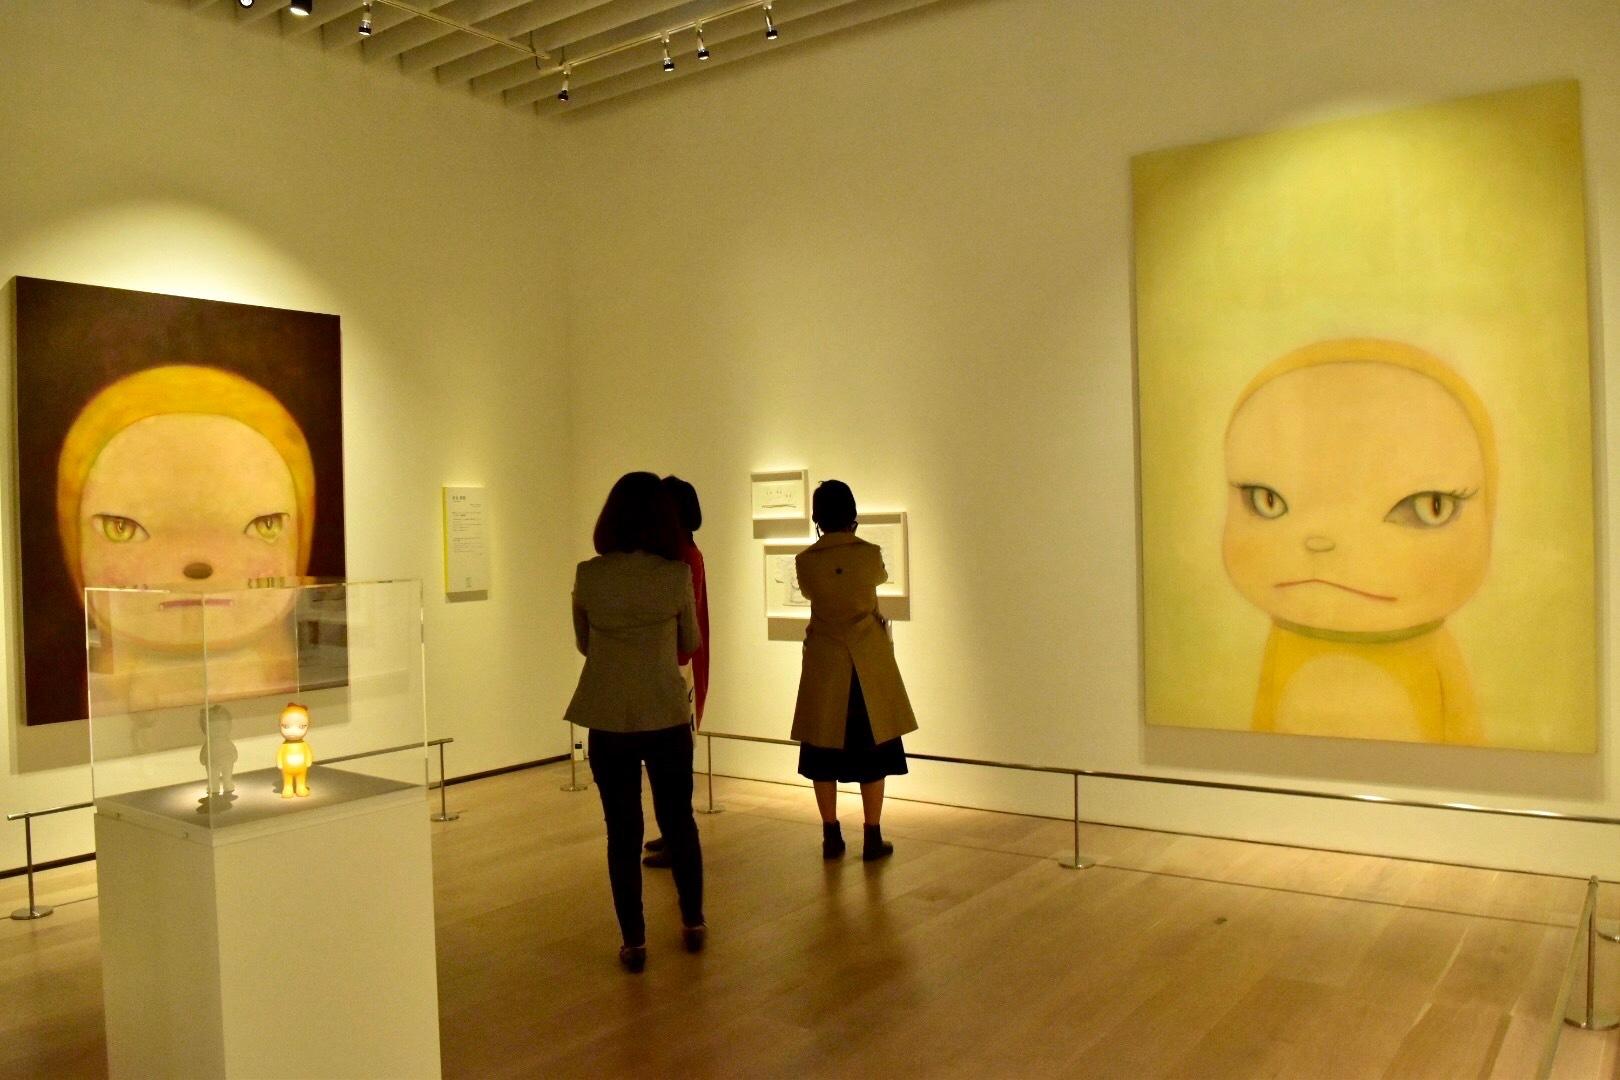 左から:奈良美智「依然としてジャイアンにリボンをとられたままのドラミちゃん@真夜中」、奈良美智「ジャイアンにリボンをとられたドラミちゃん」